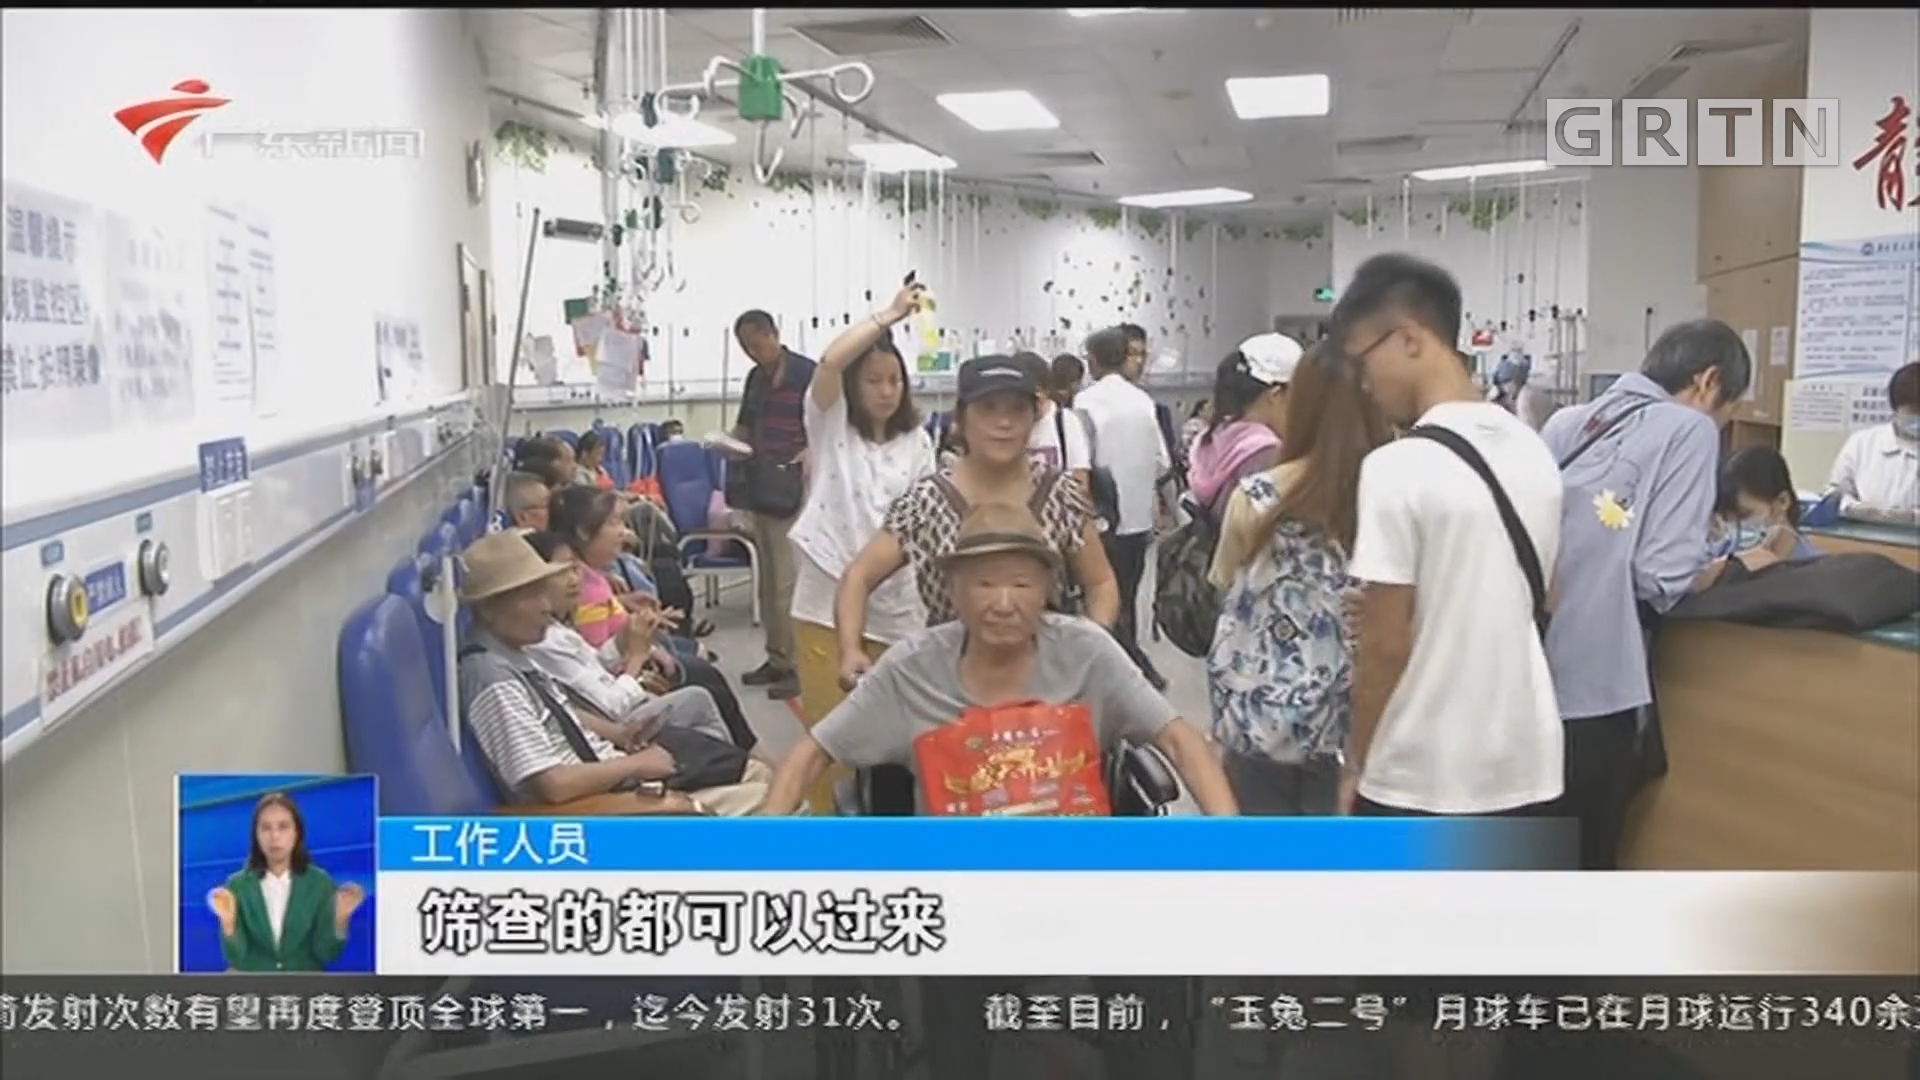 符合这些条件 就可以在广州免费筛查五癌